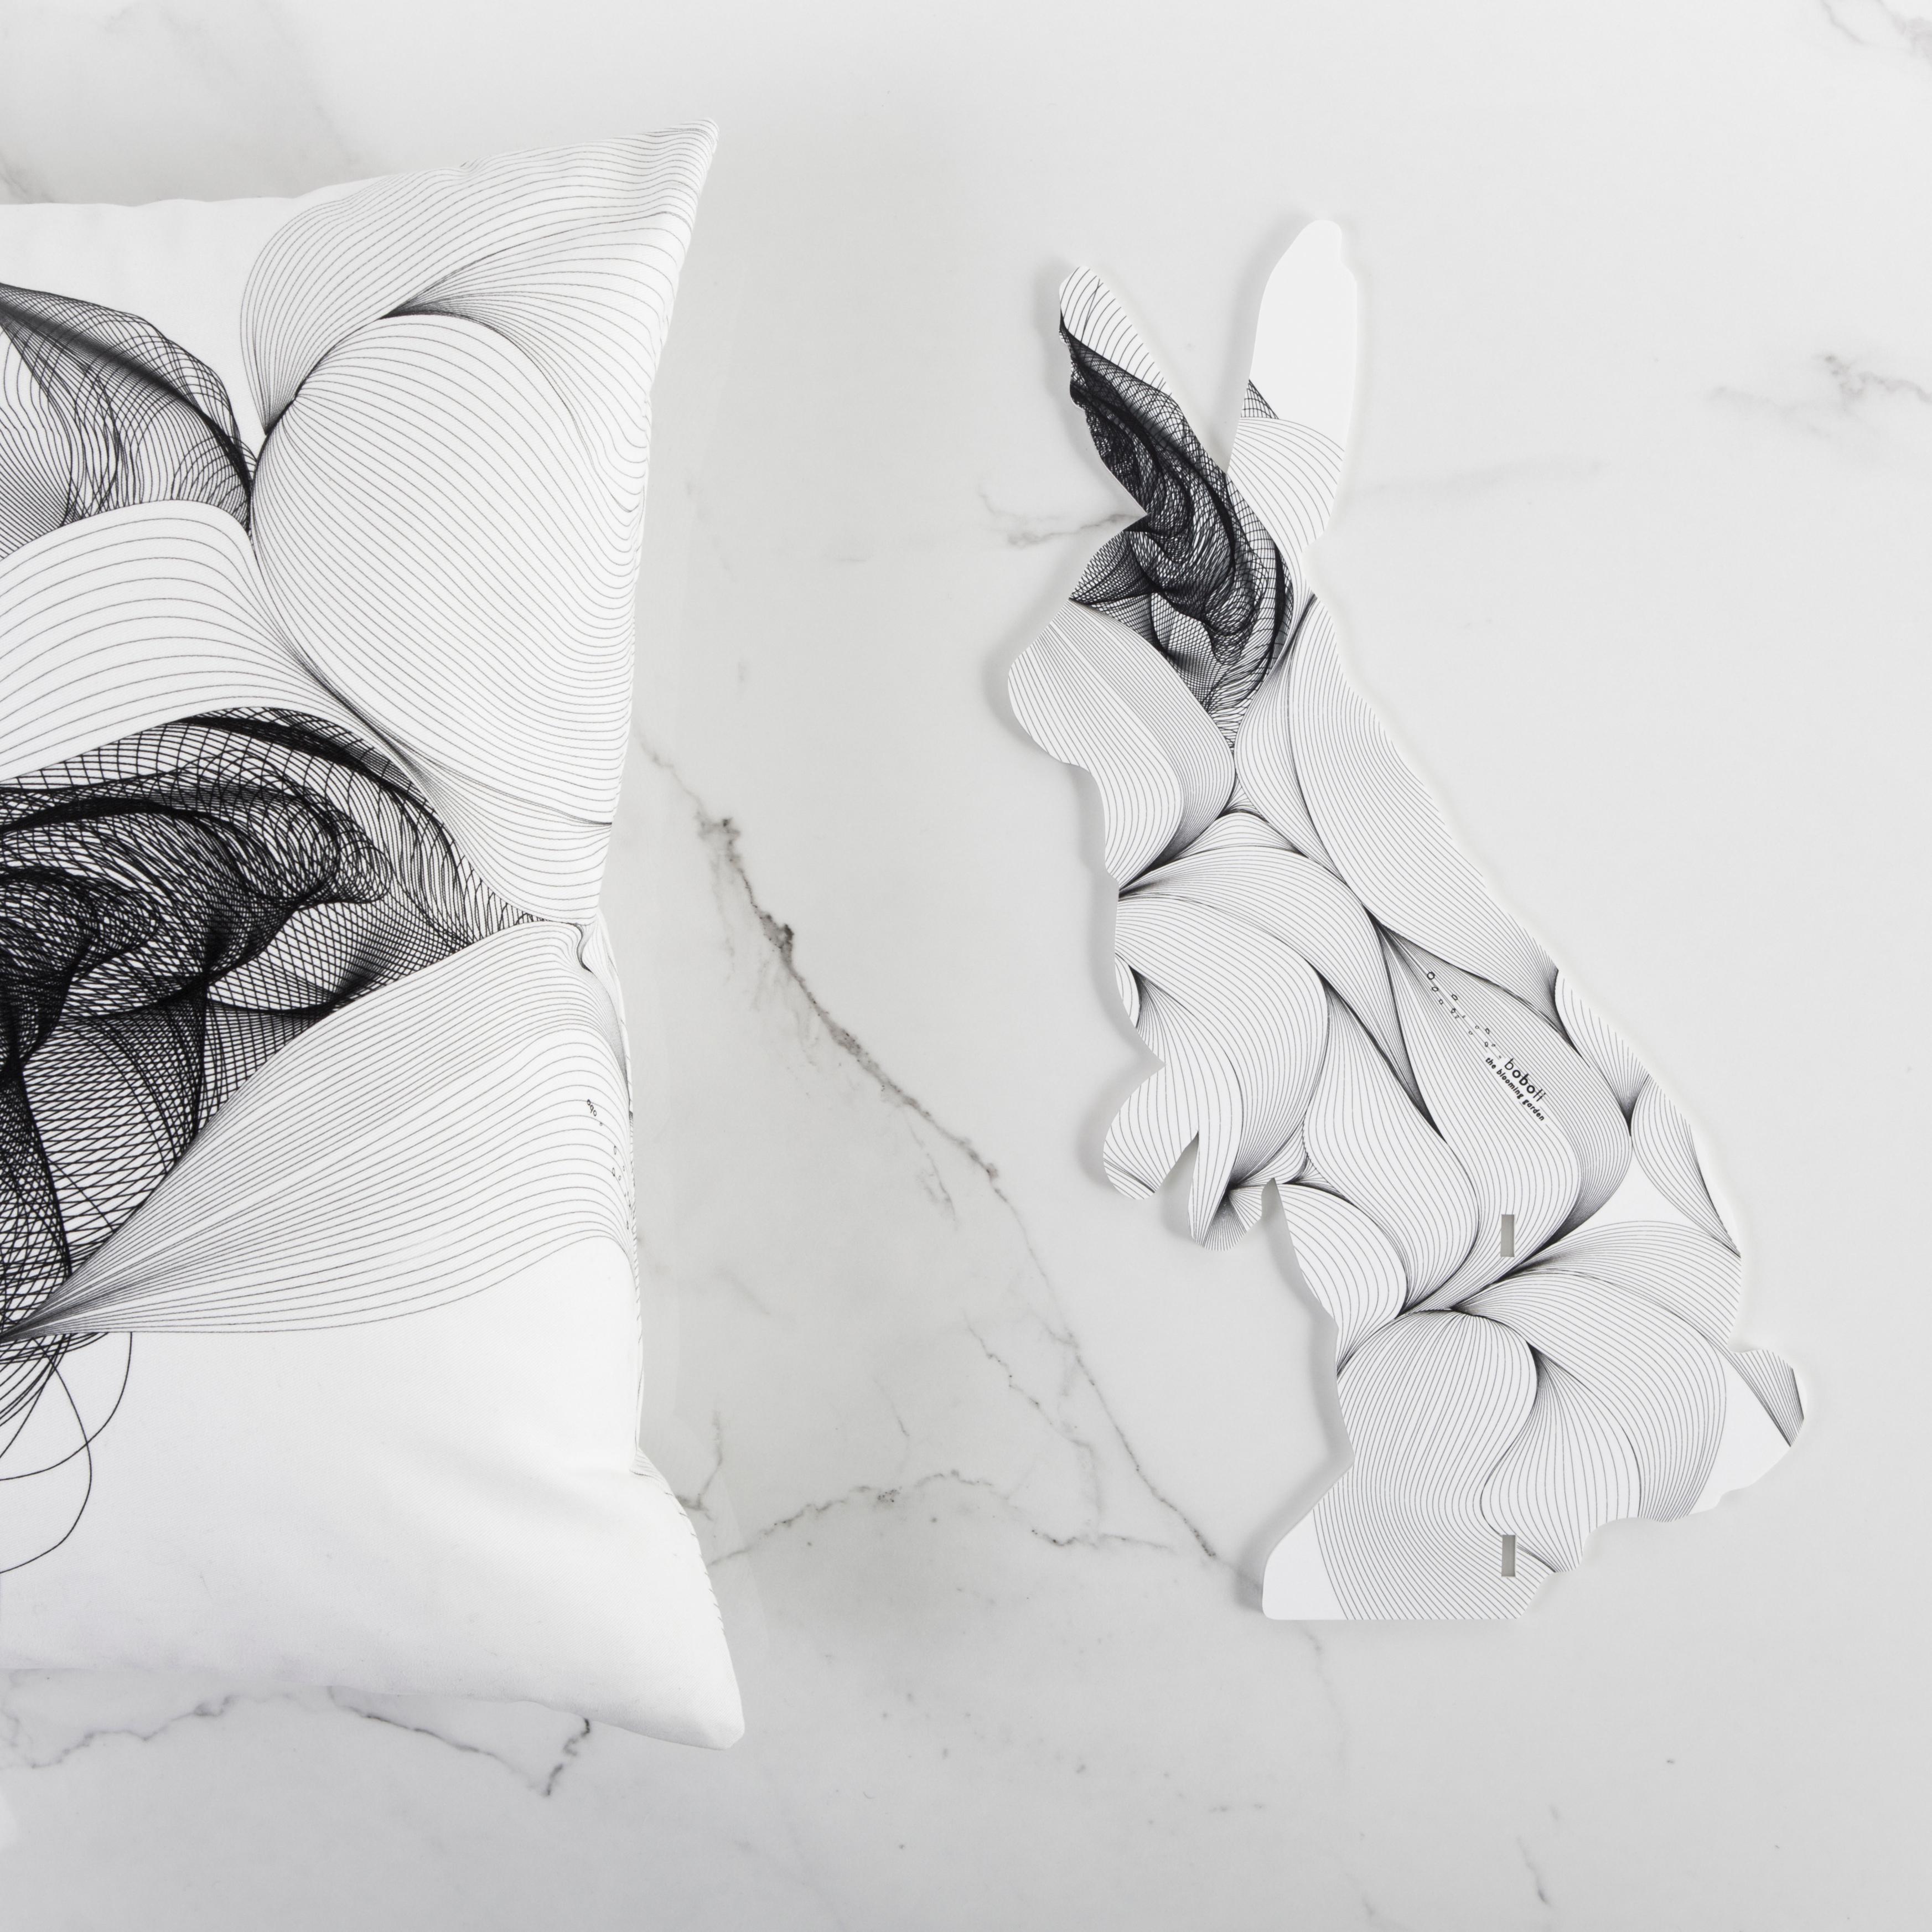 cuscino-e-coniglio.jpg